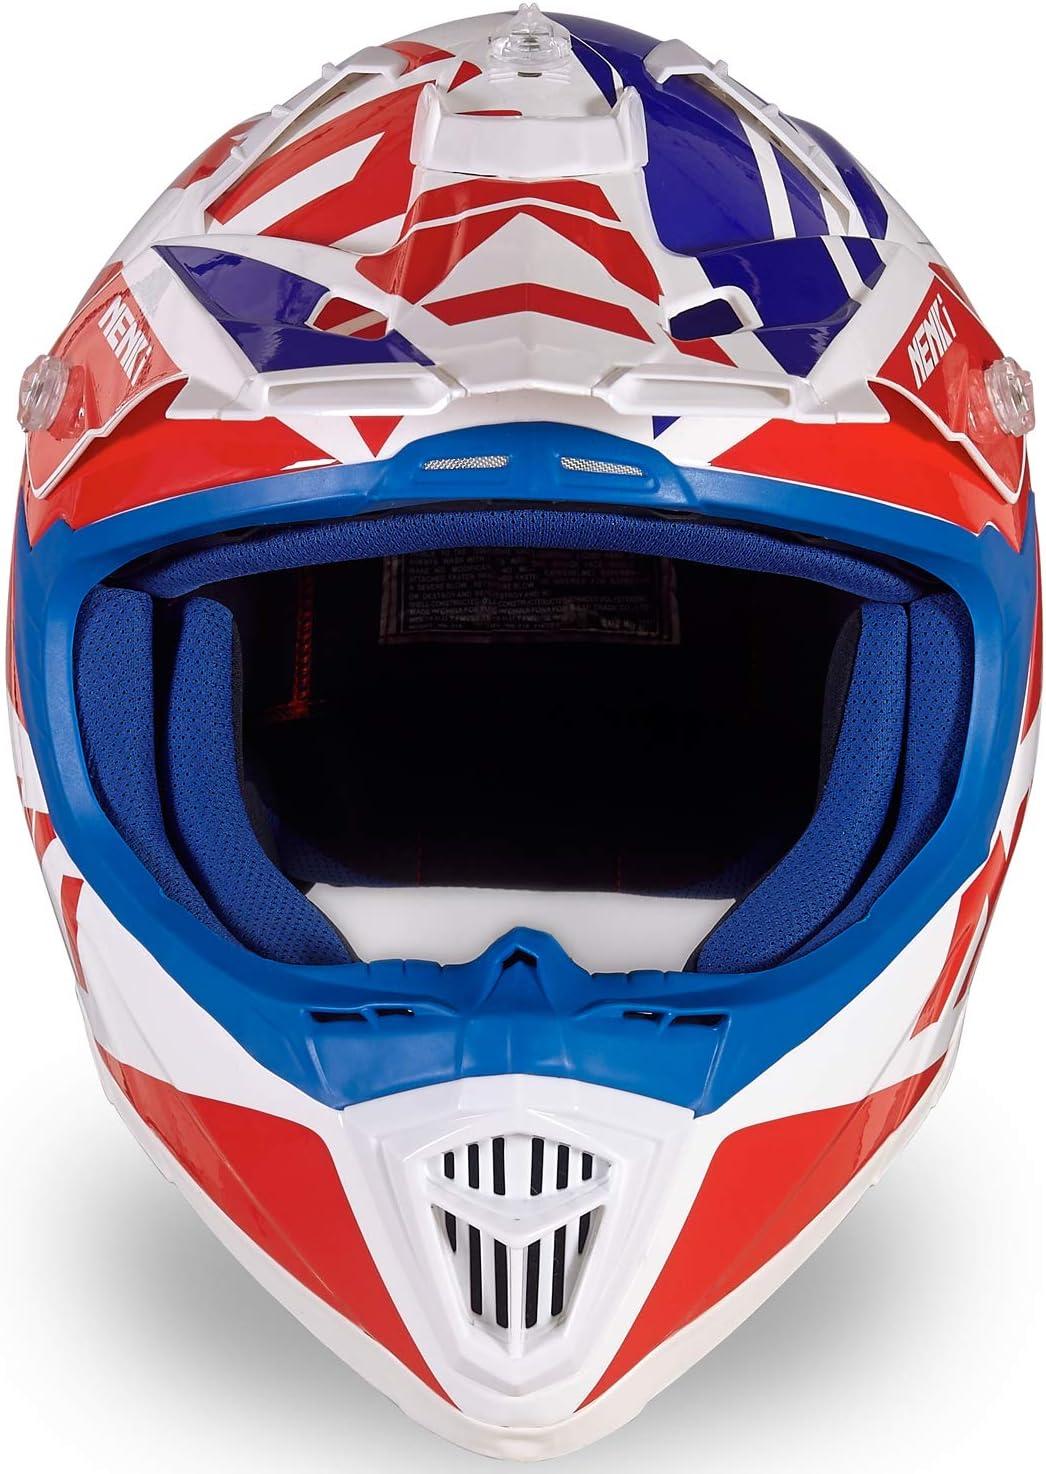 S, Blue Red NENKI Motocross Offroad Dirt Bike Helmet NK-316 Dot Approved for Mens and Womens,Fiberglass Shell